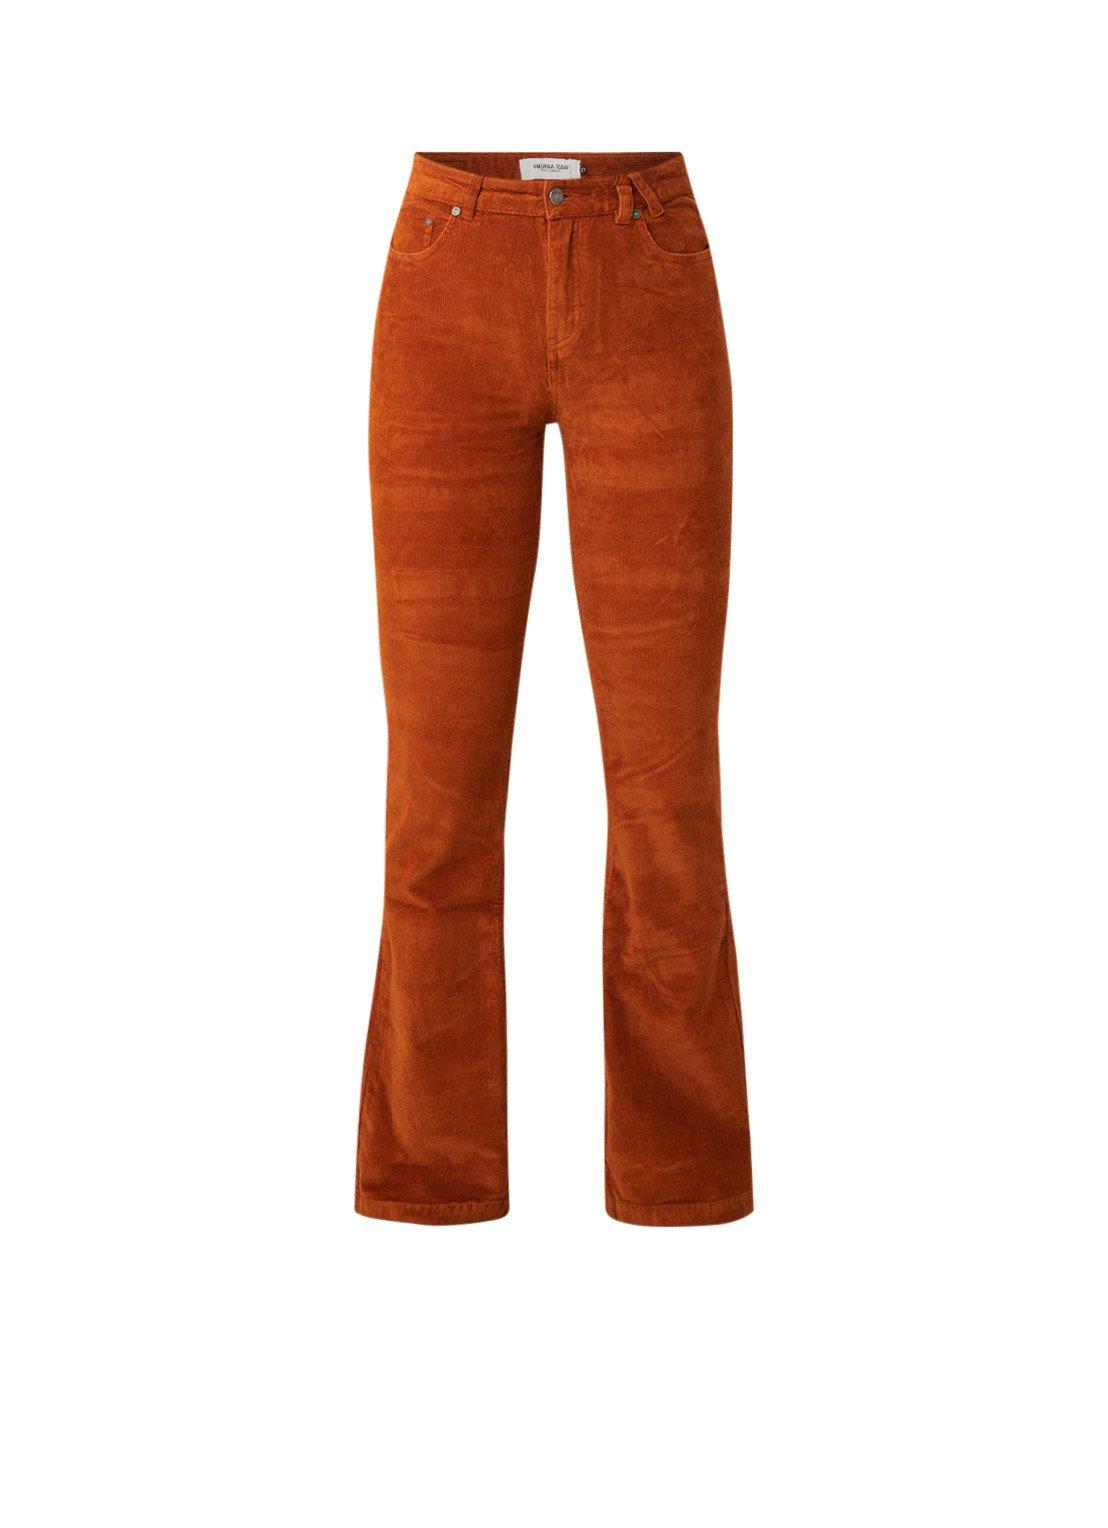 75200f549b4 Broek wijde pijpen online kopen | Fashionchick.nl | Flared broek